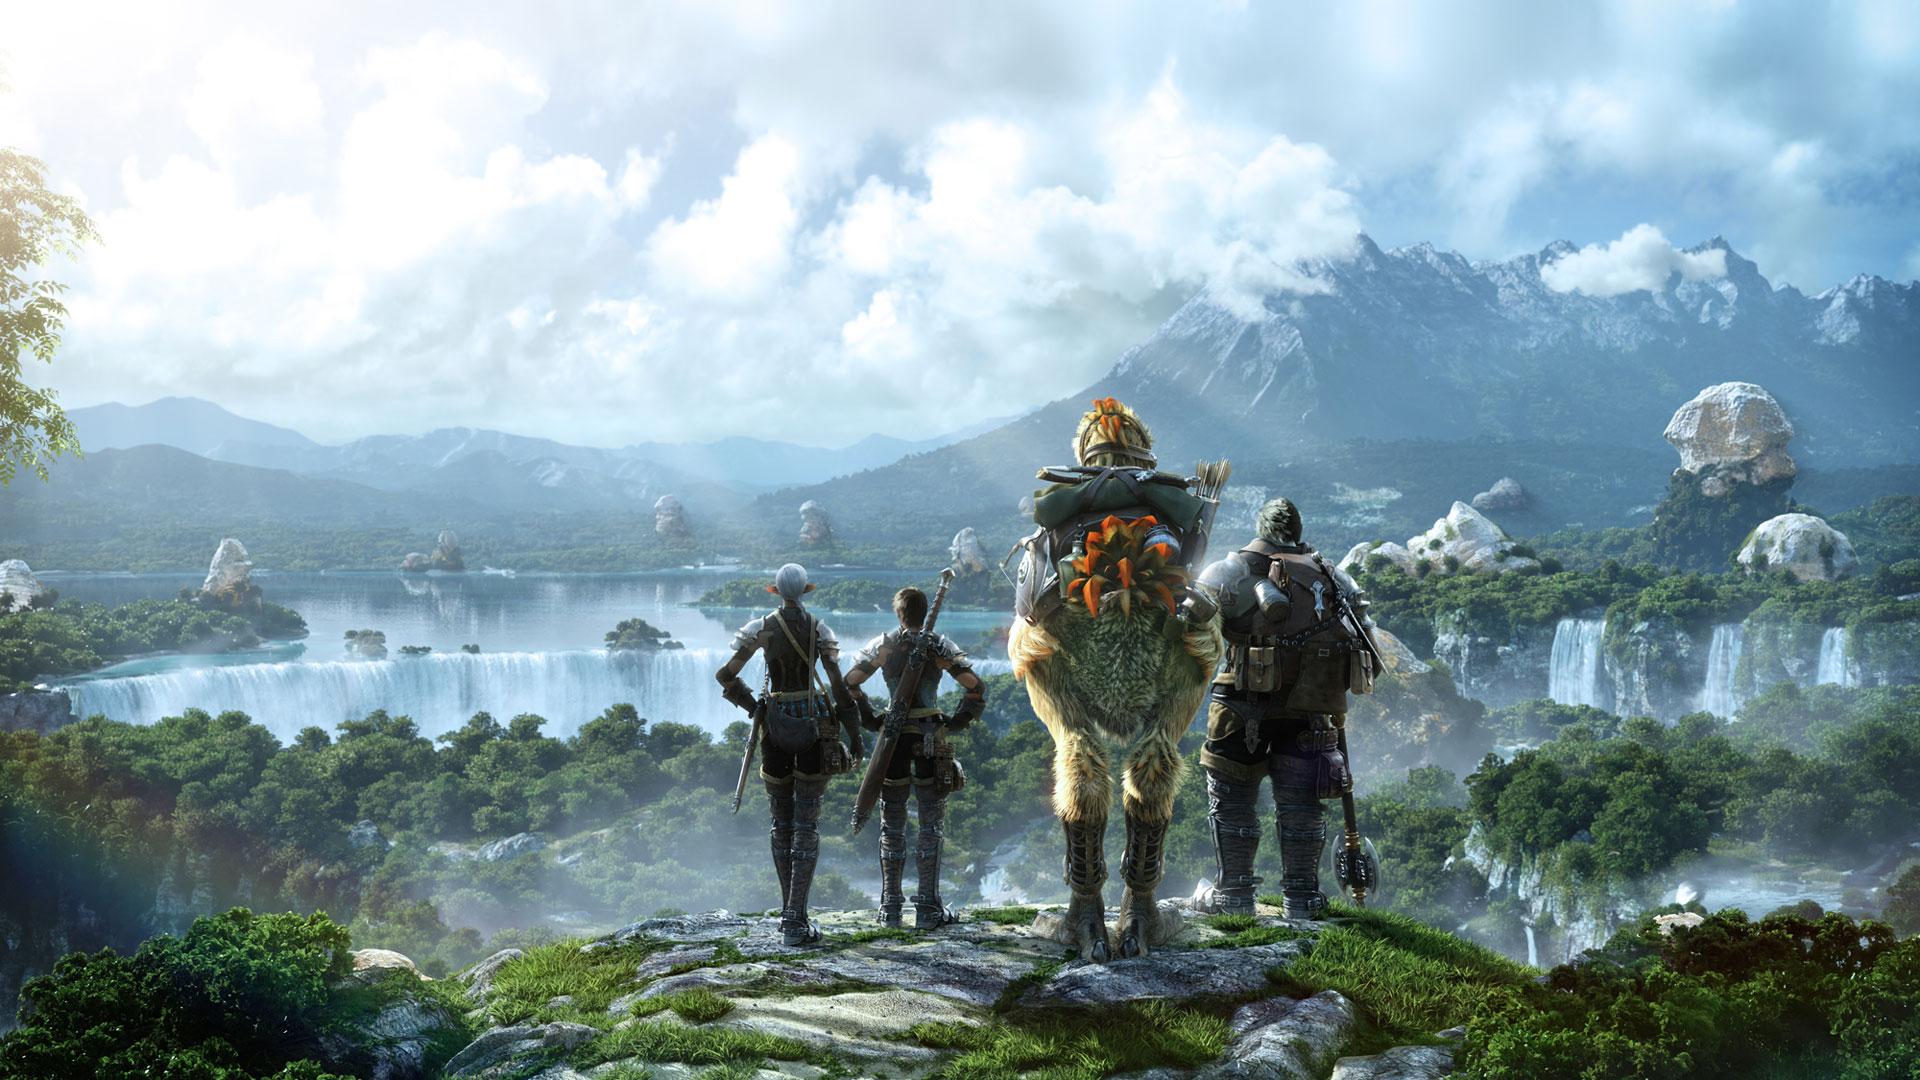 Square Enix recorta su programación del PAX East por el coronavirus: no veremos el Final Fantasy XIV